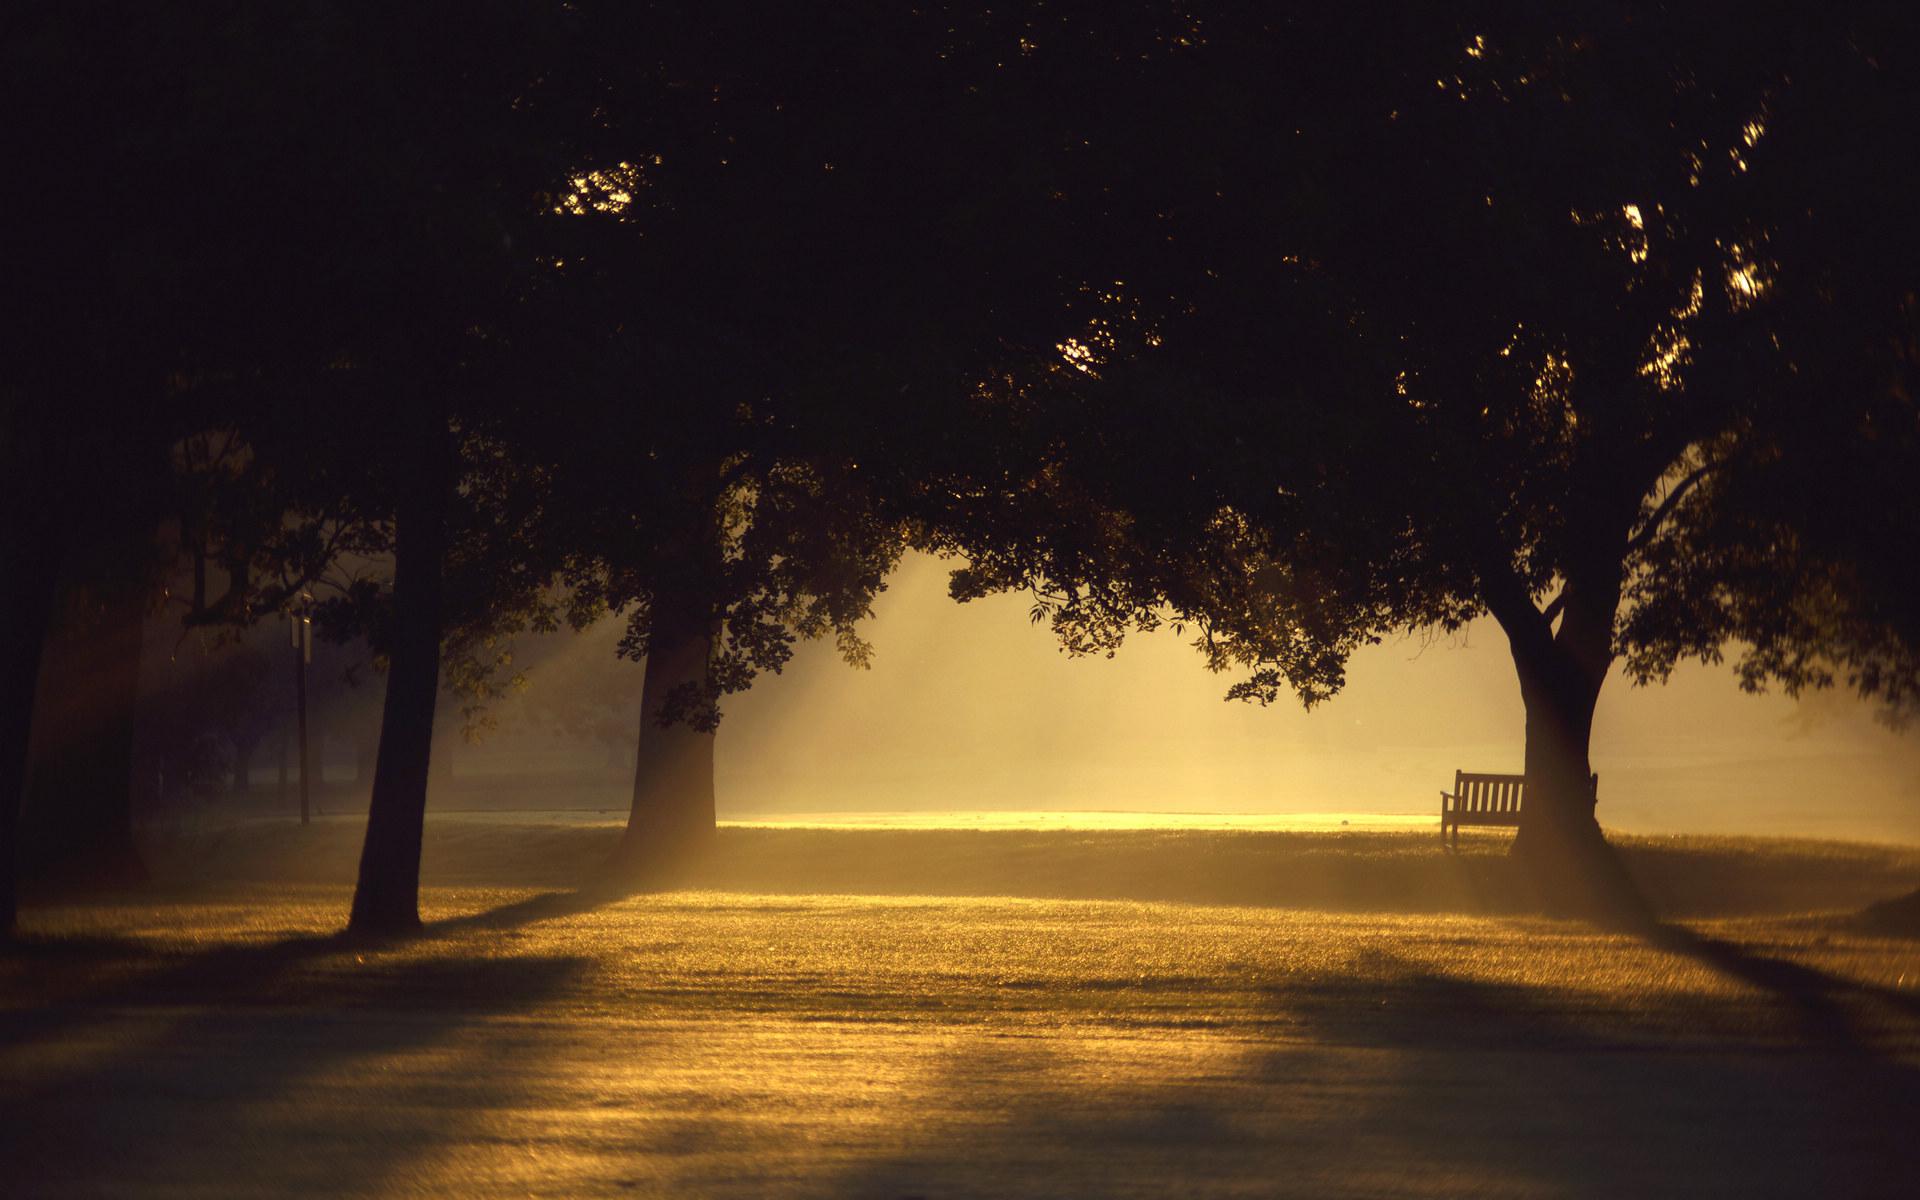 孤独的长椅唯美风景高清壁纸